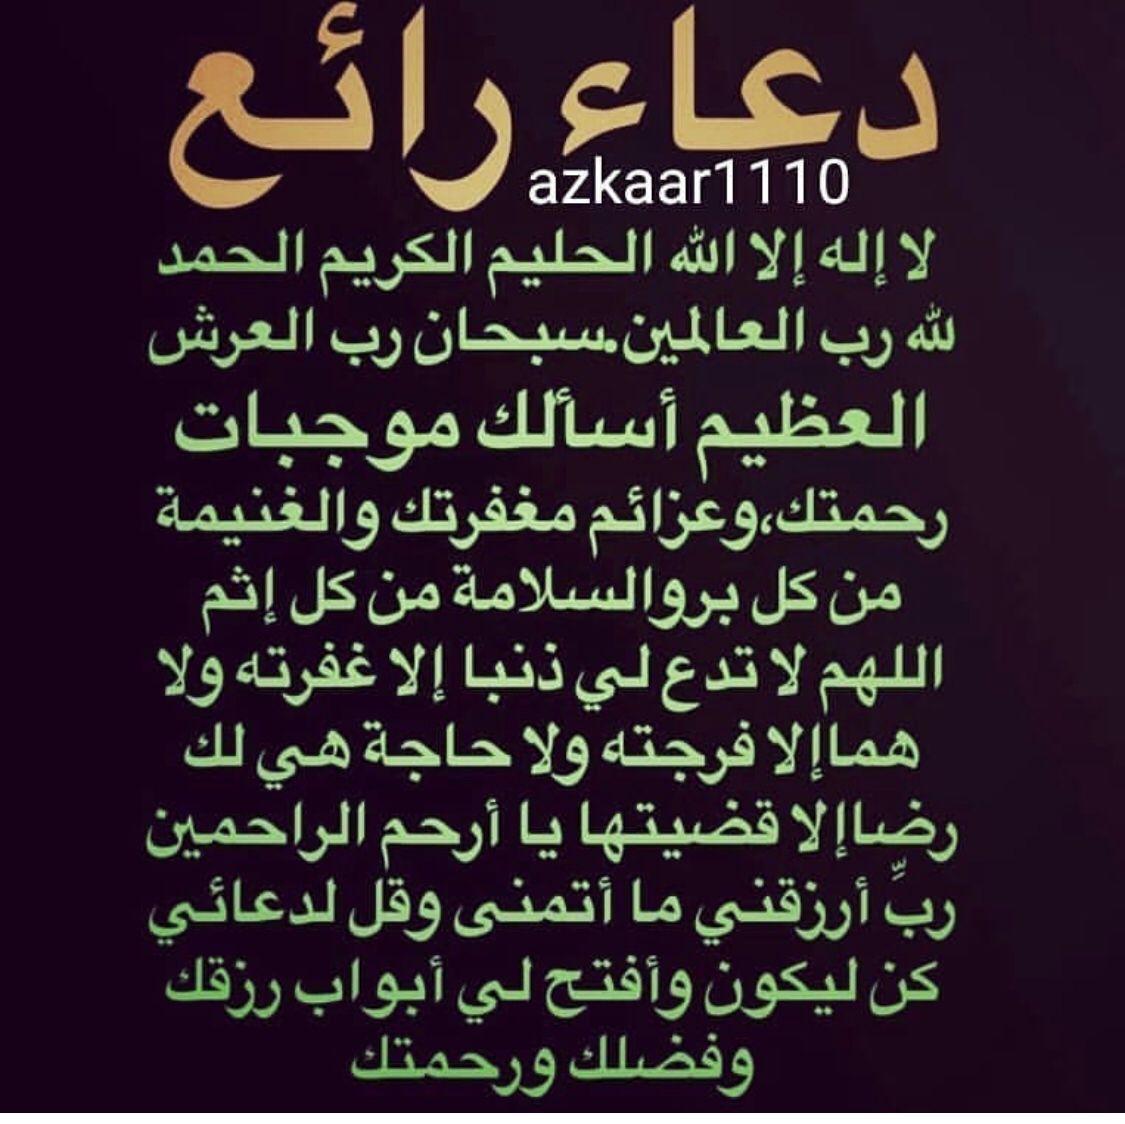 Pin By Ji Ji On أدعية Islamic Quotes Islam Ramadan